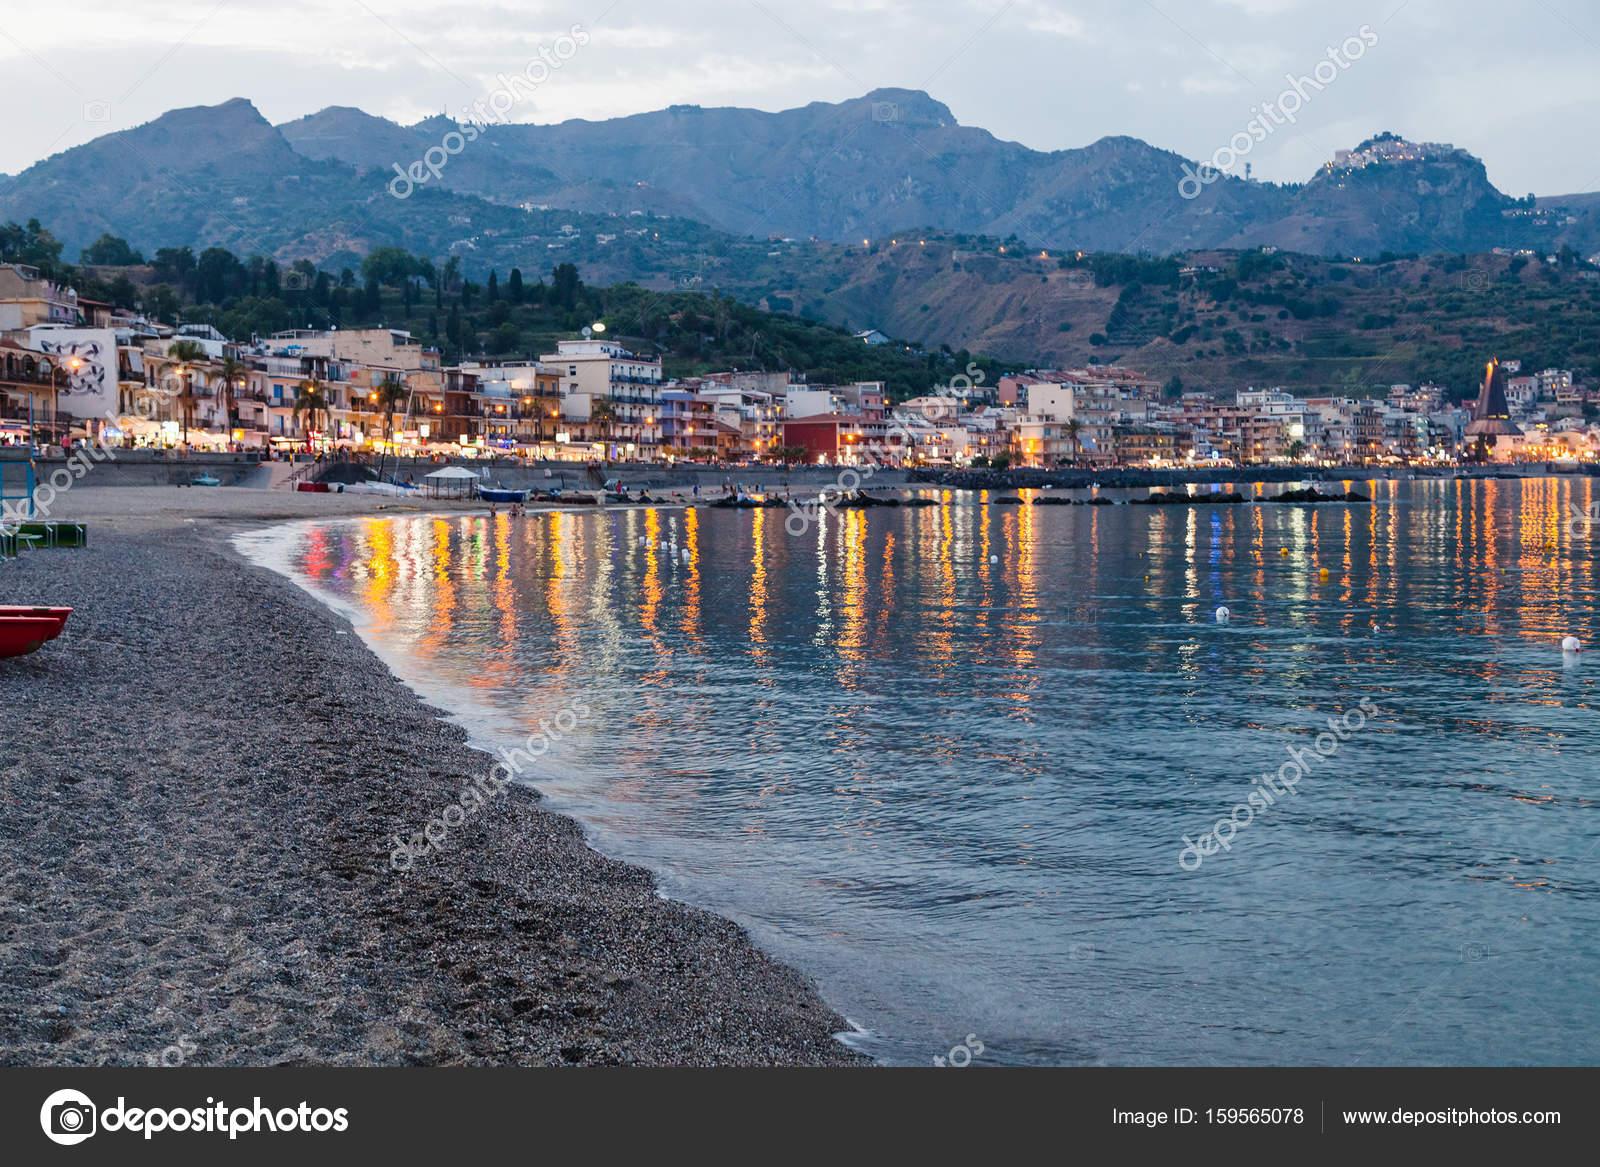 Le spiagge di giardini naxos e il rischio catastrofe ambientale